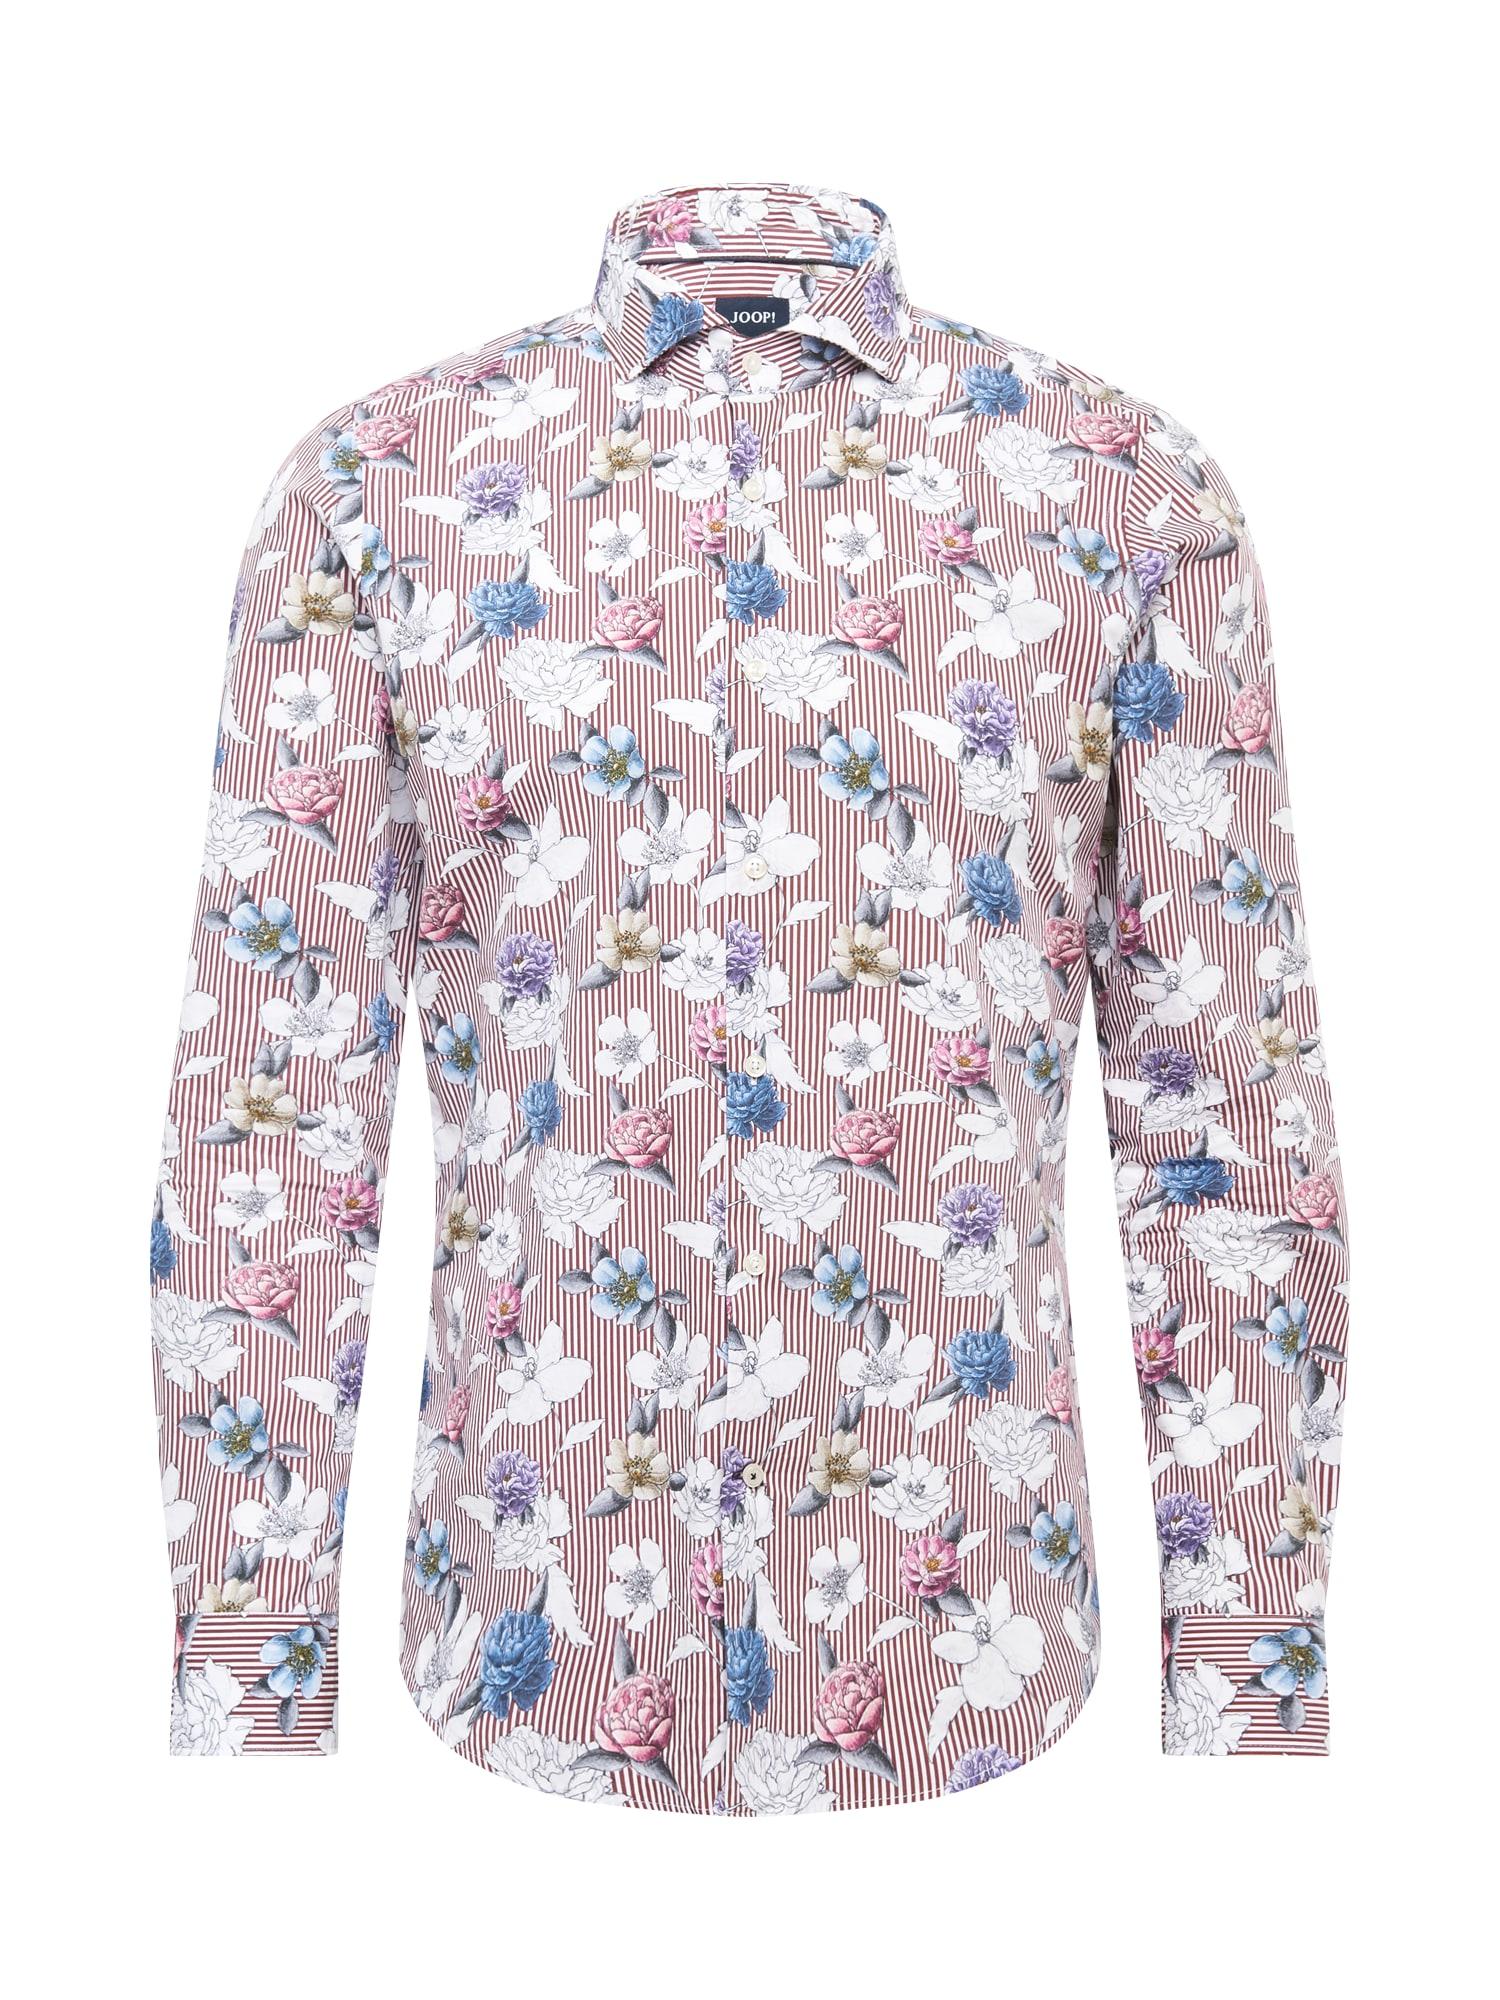 JOOP! Marškiniai balta / skaisti avietinė ar rubino spalva / šviesiai mėlyna / tamsiai violetinė